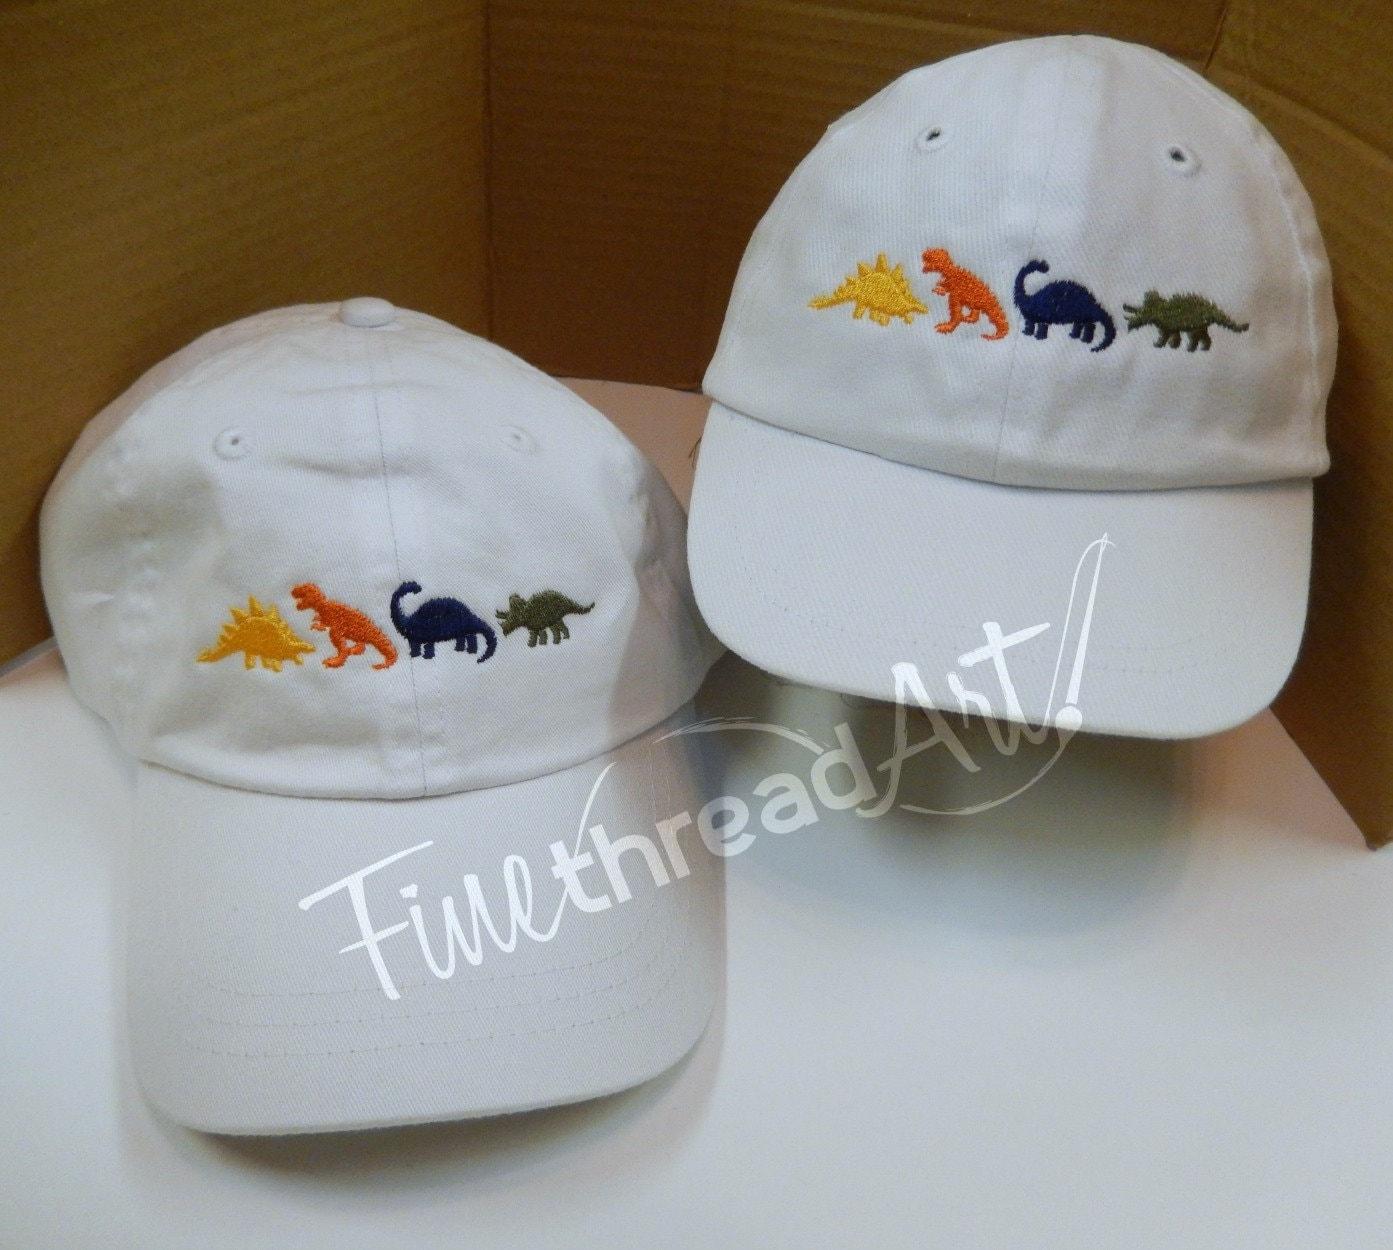 de8d6e5840c Infant or Small Toddler Dinosaur Monogram Baseball Cap Hat for Girls ...